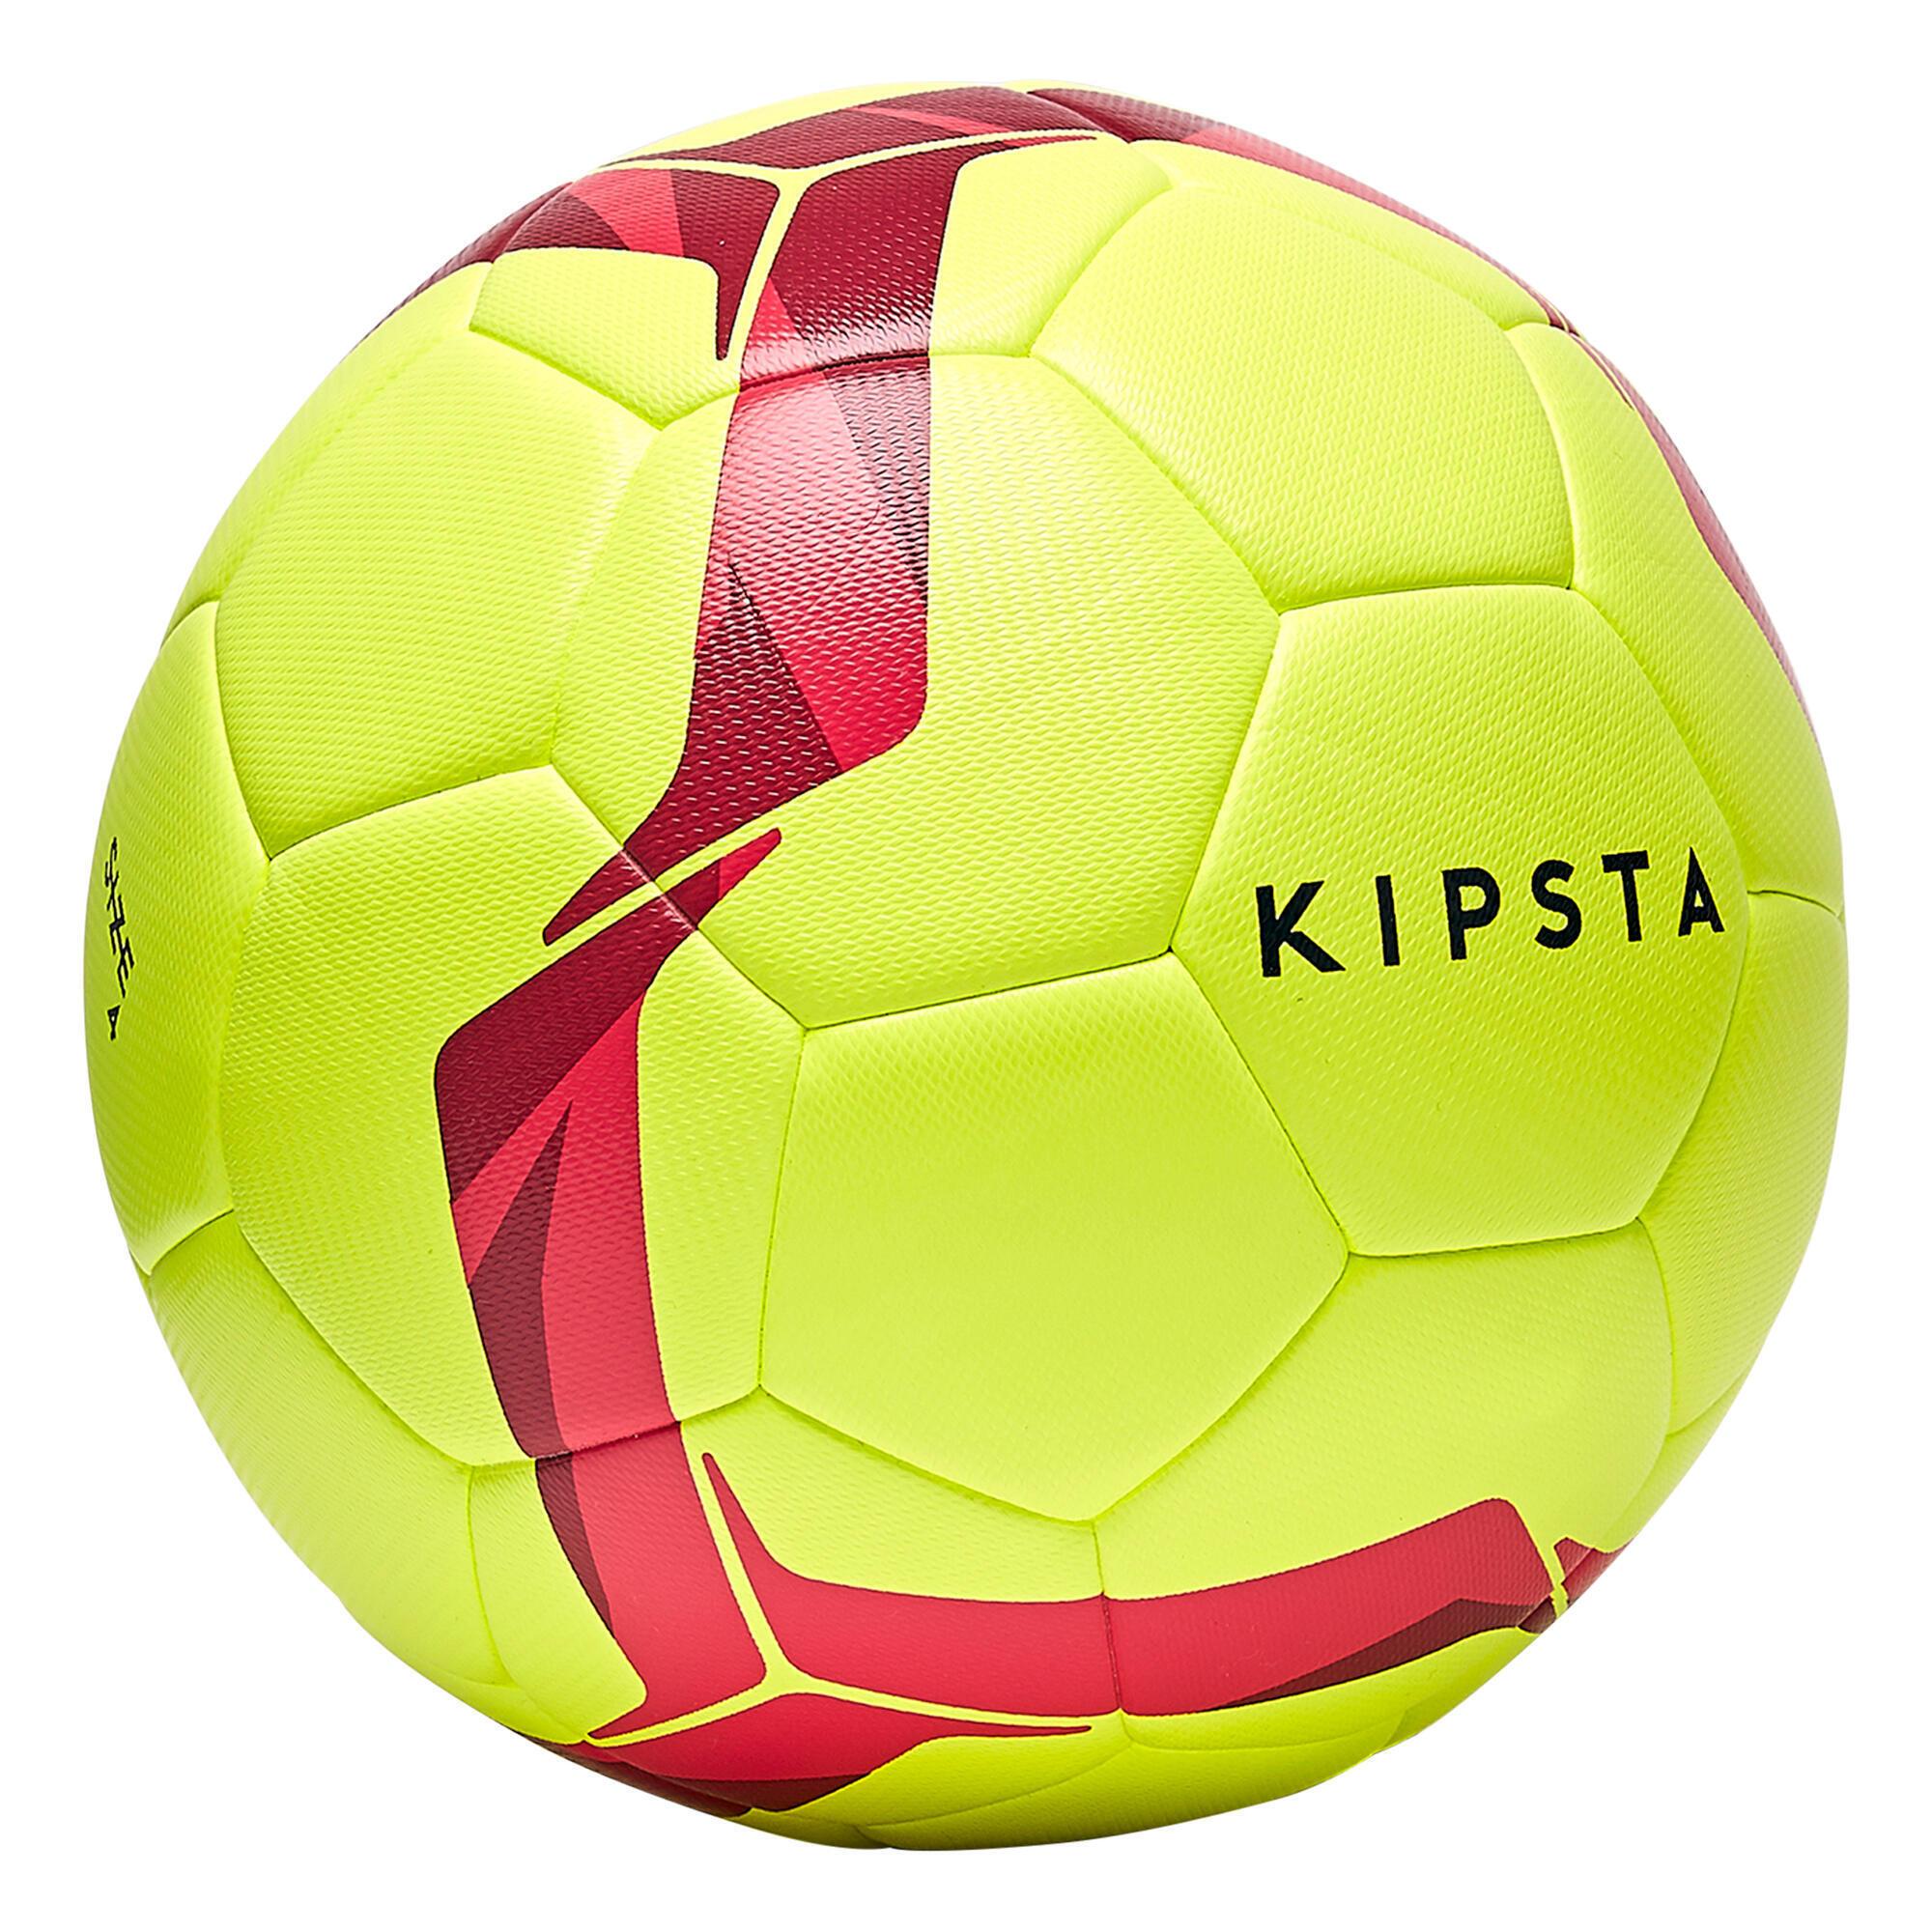 a9905c432 Comprar Balones de Fútbol y Pelotas online